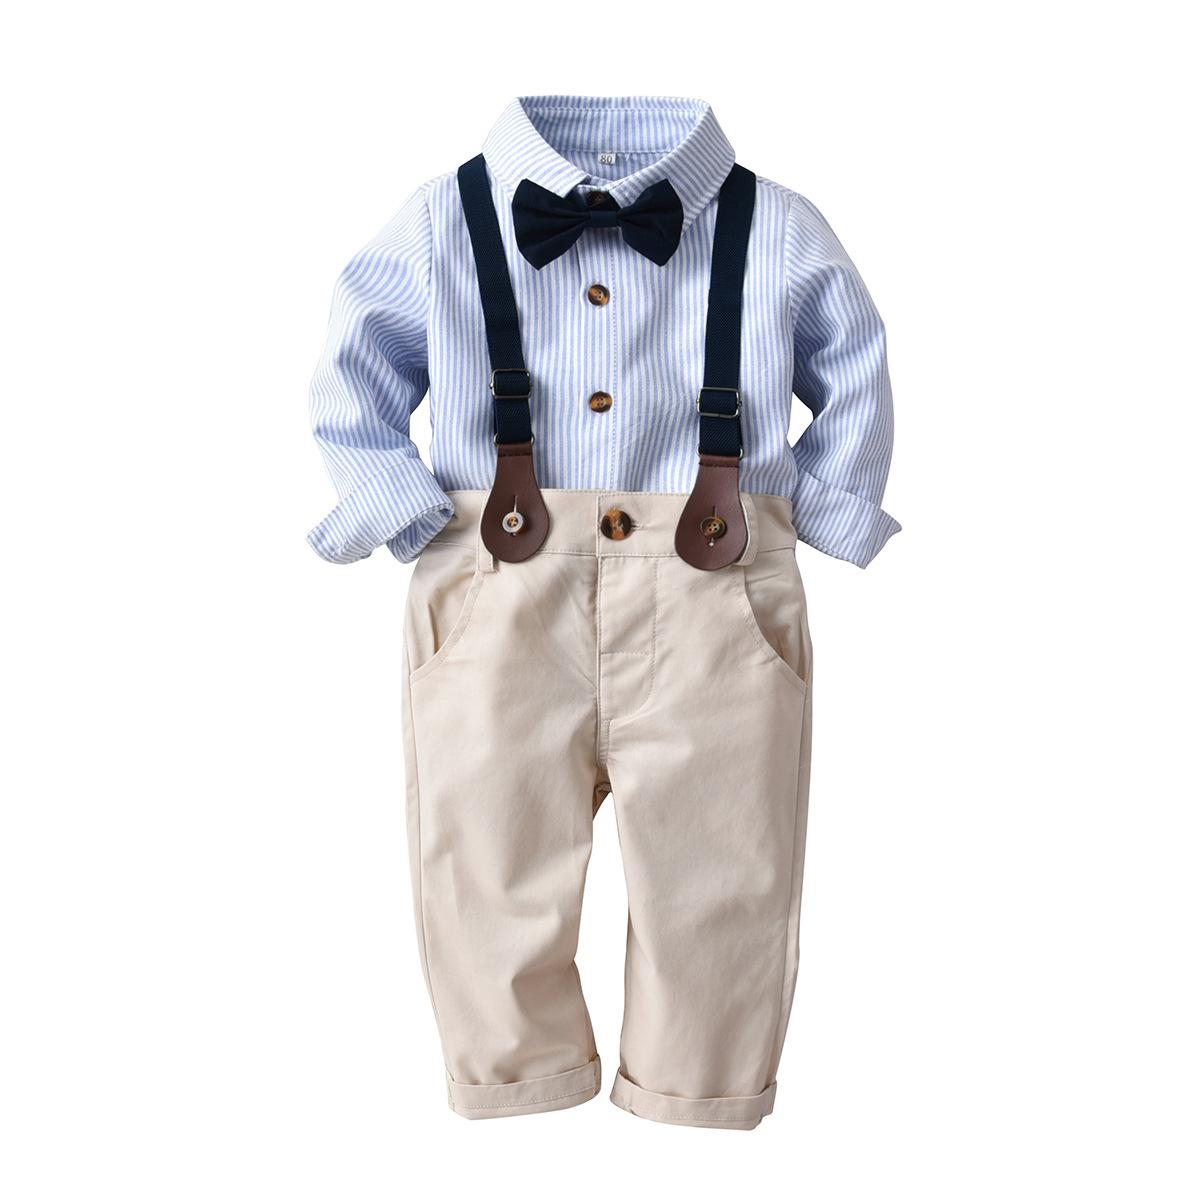 Đồ Suits Mùa xuân và mùa thu Trẻ em mới thiết lập cho trẻ em Phong cách châu Âu và Mỹ Áo sơ mi sọc d